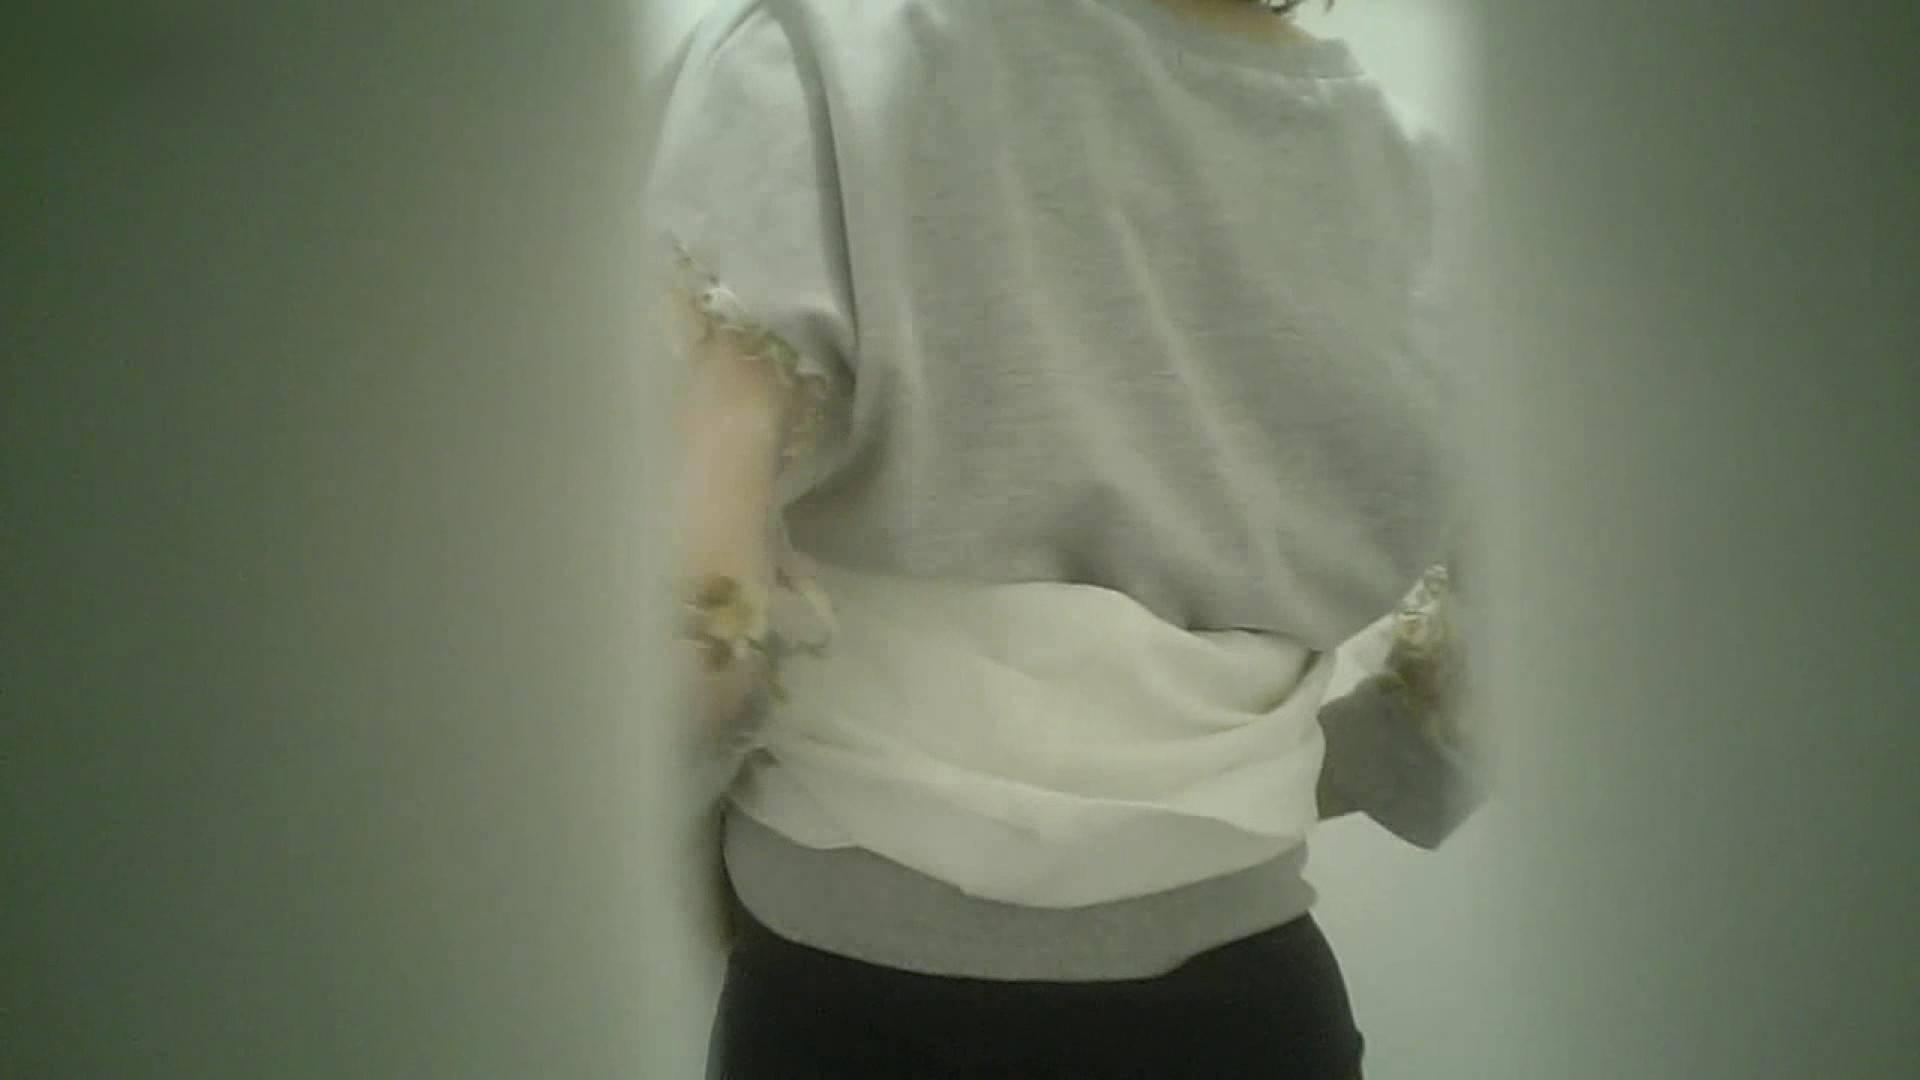 有名大学女性洗面所 vol.40 ??おまじない的な動きをする子がいます。 投稿 オメコ動画キャプチャ 81pic 58